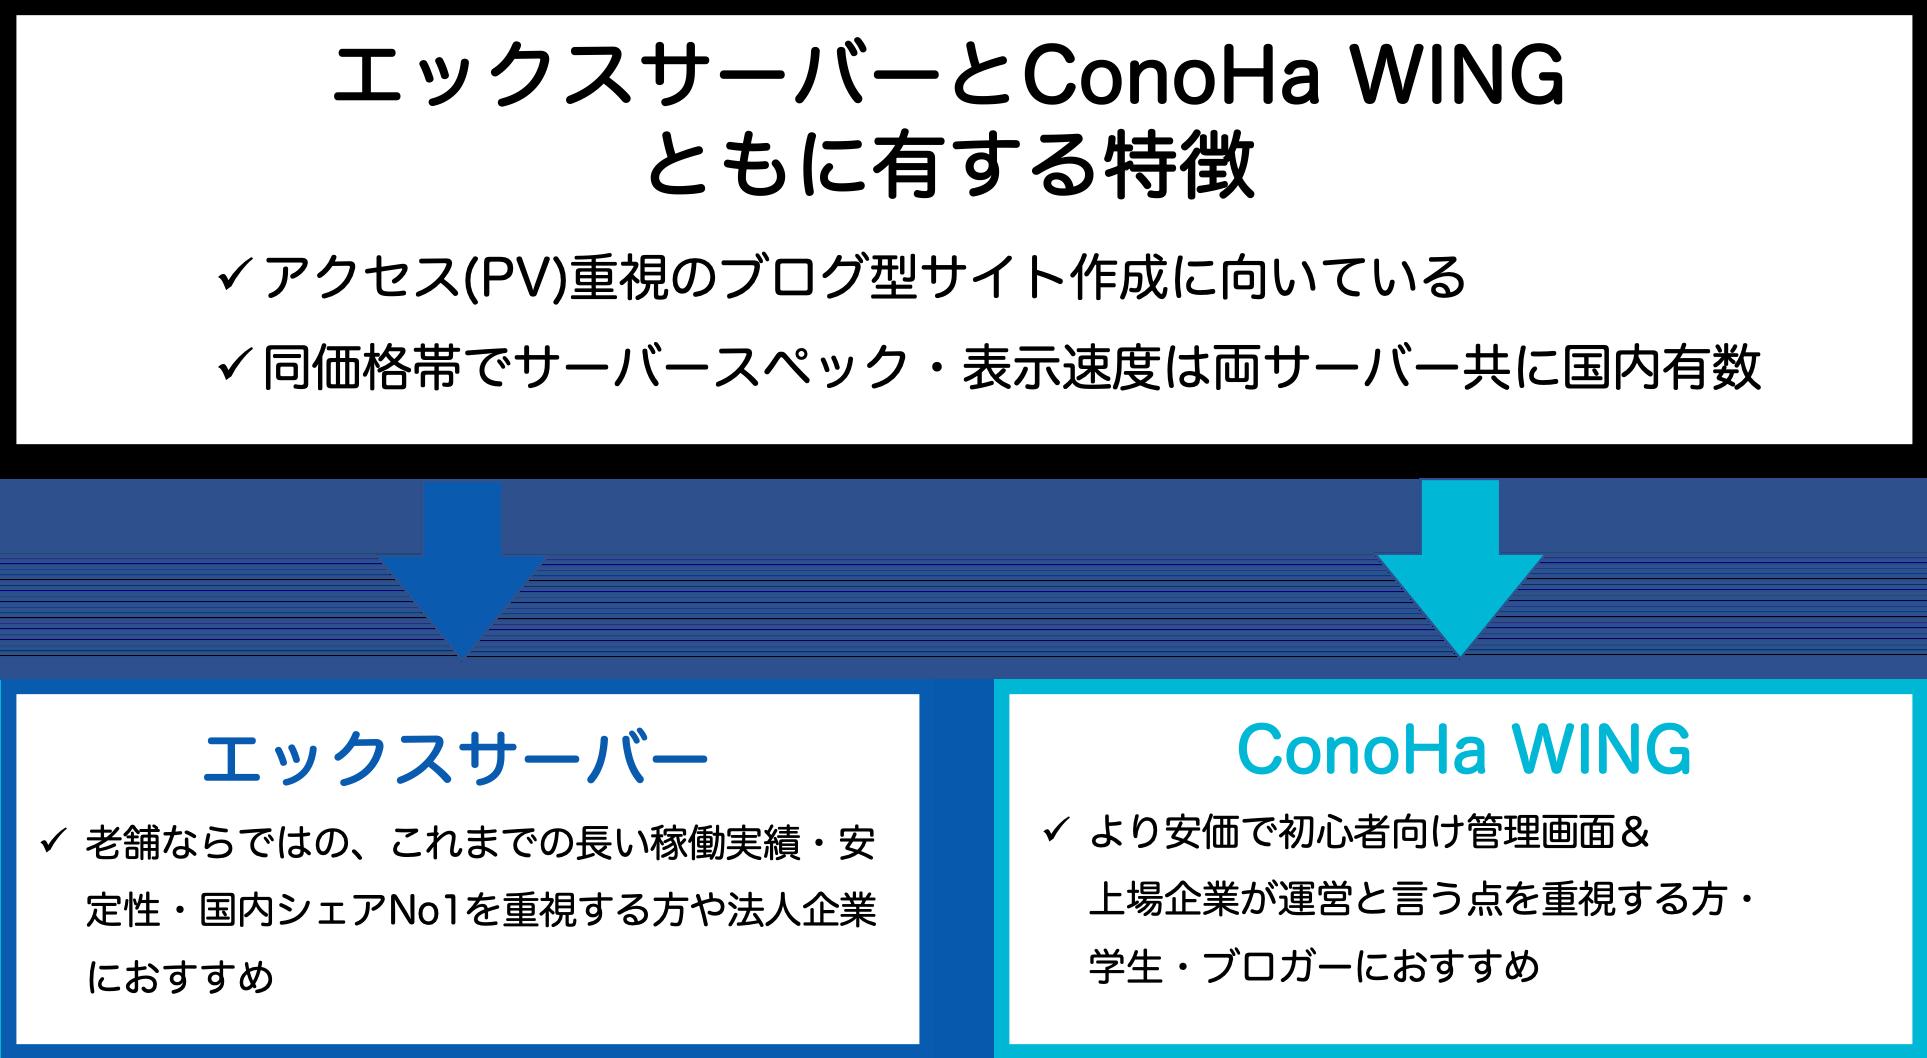 エックスサーバー とConoHa WINGの特徴